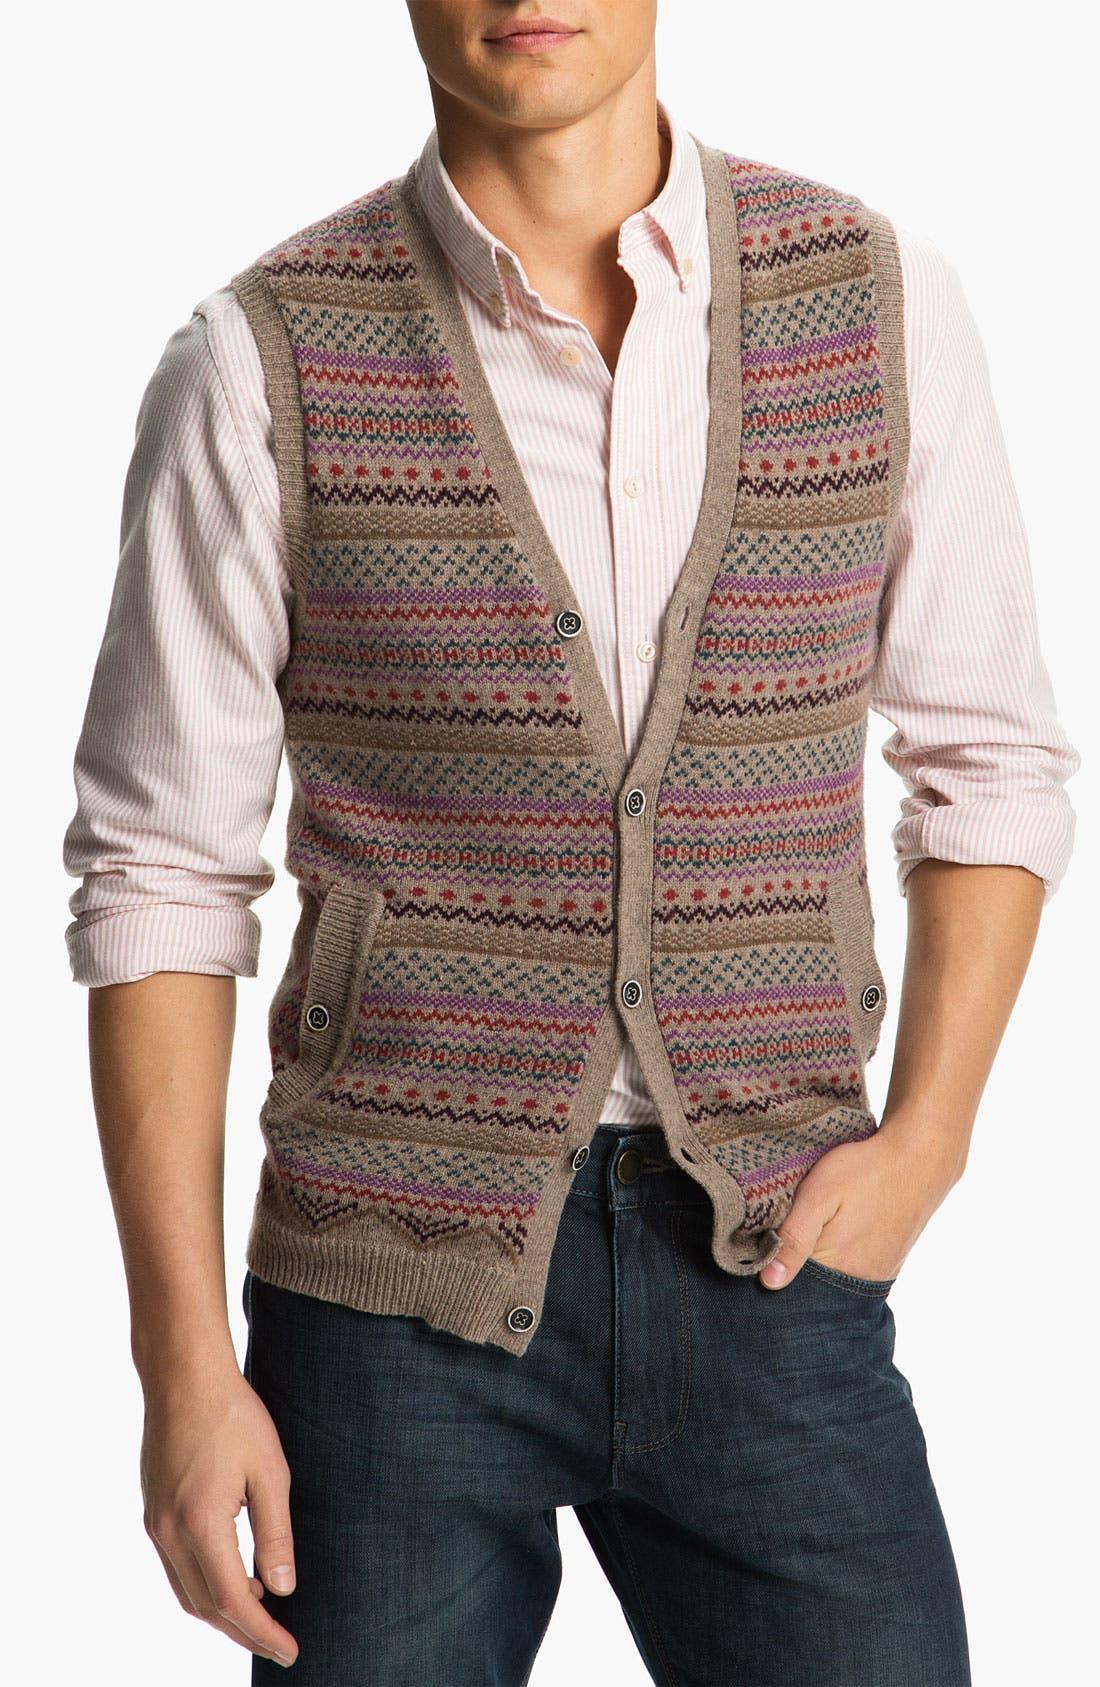 Alternate Image 1 Selected - Ted Baker London 'Fairmun' Sweater Vest